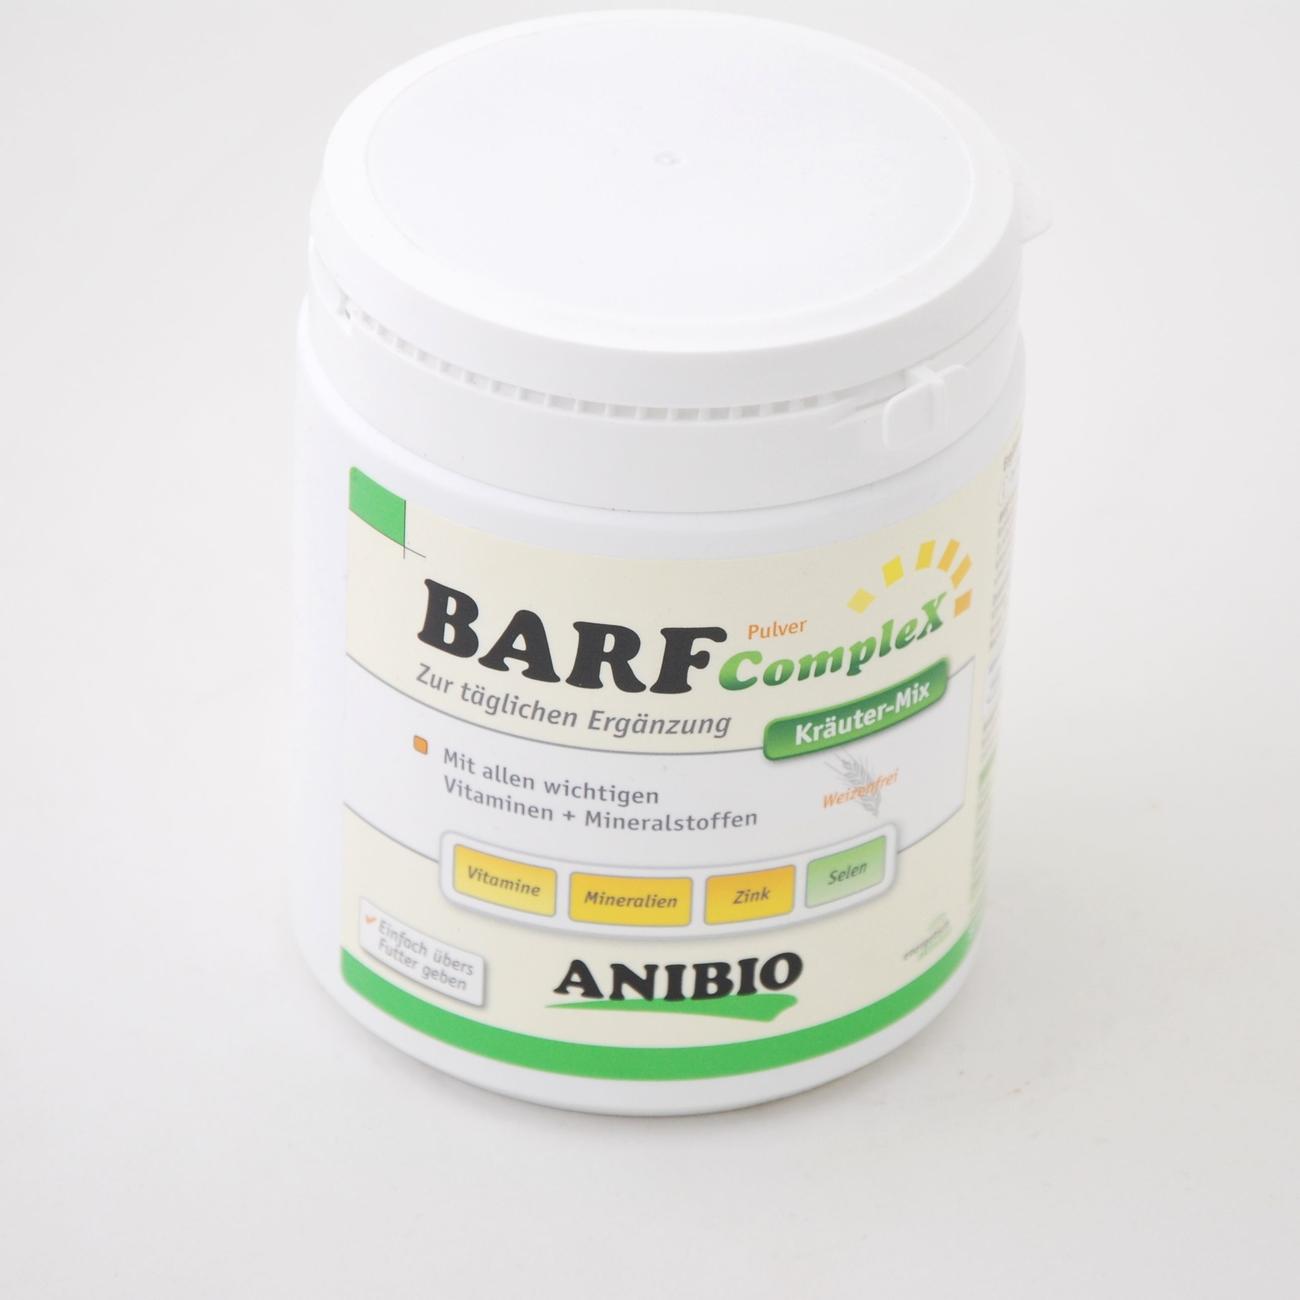 Anibio Barf-complex